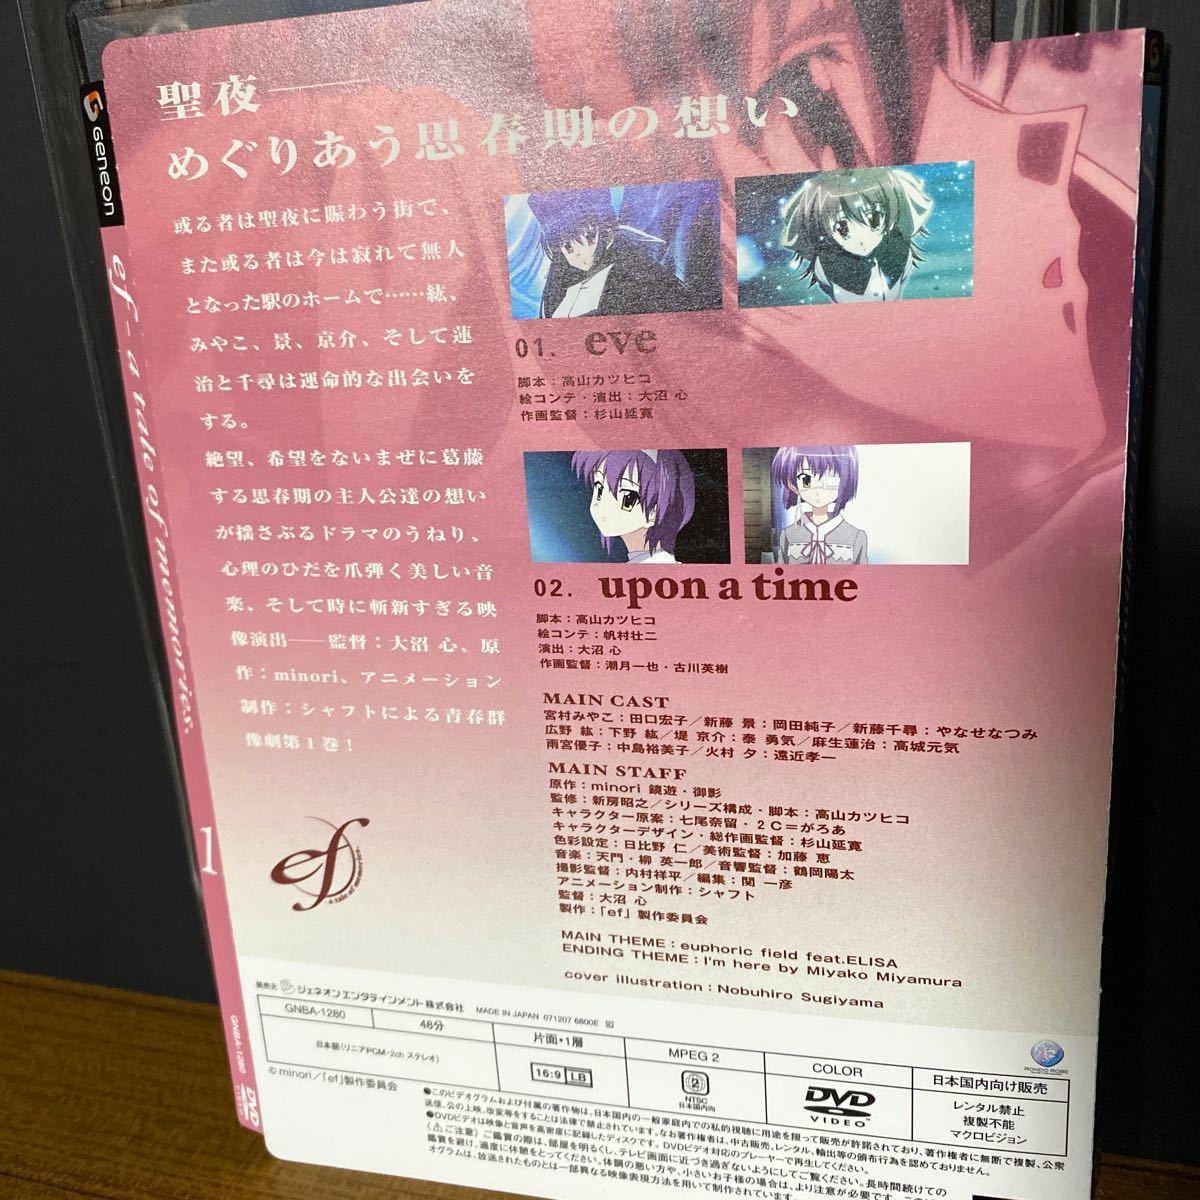 【アニメDVD】ef エフ メモリーズ 1巻